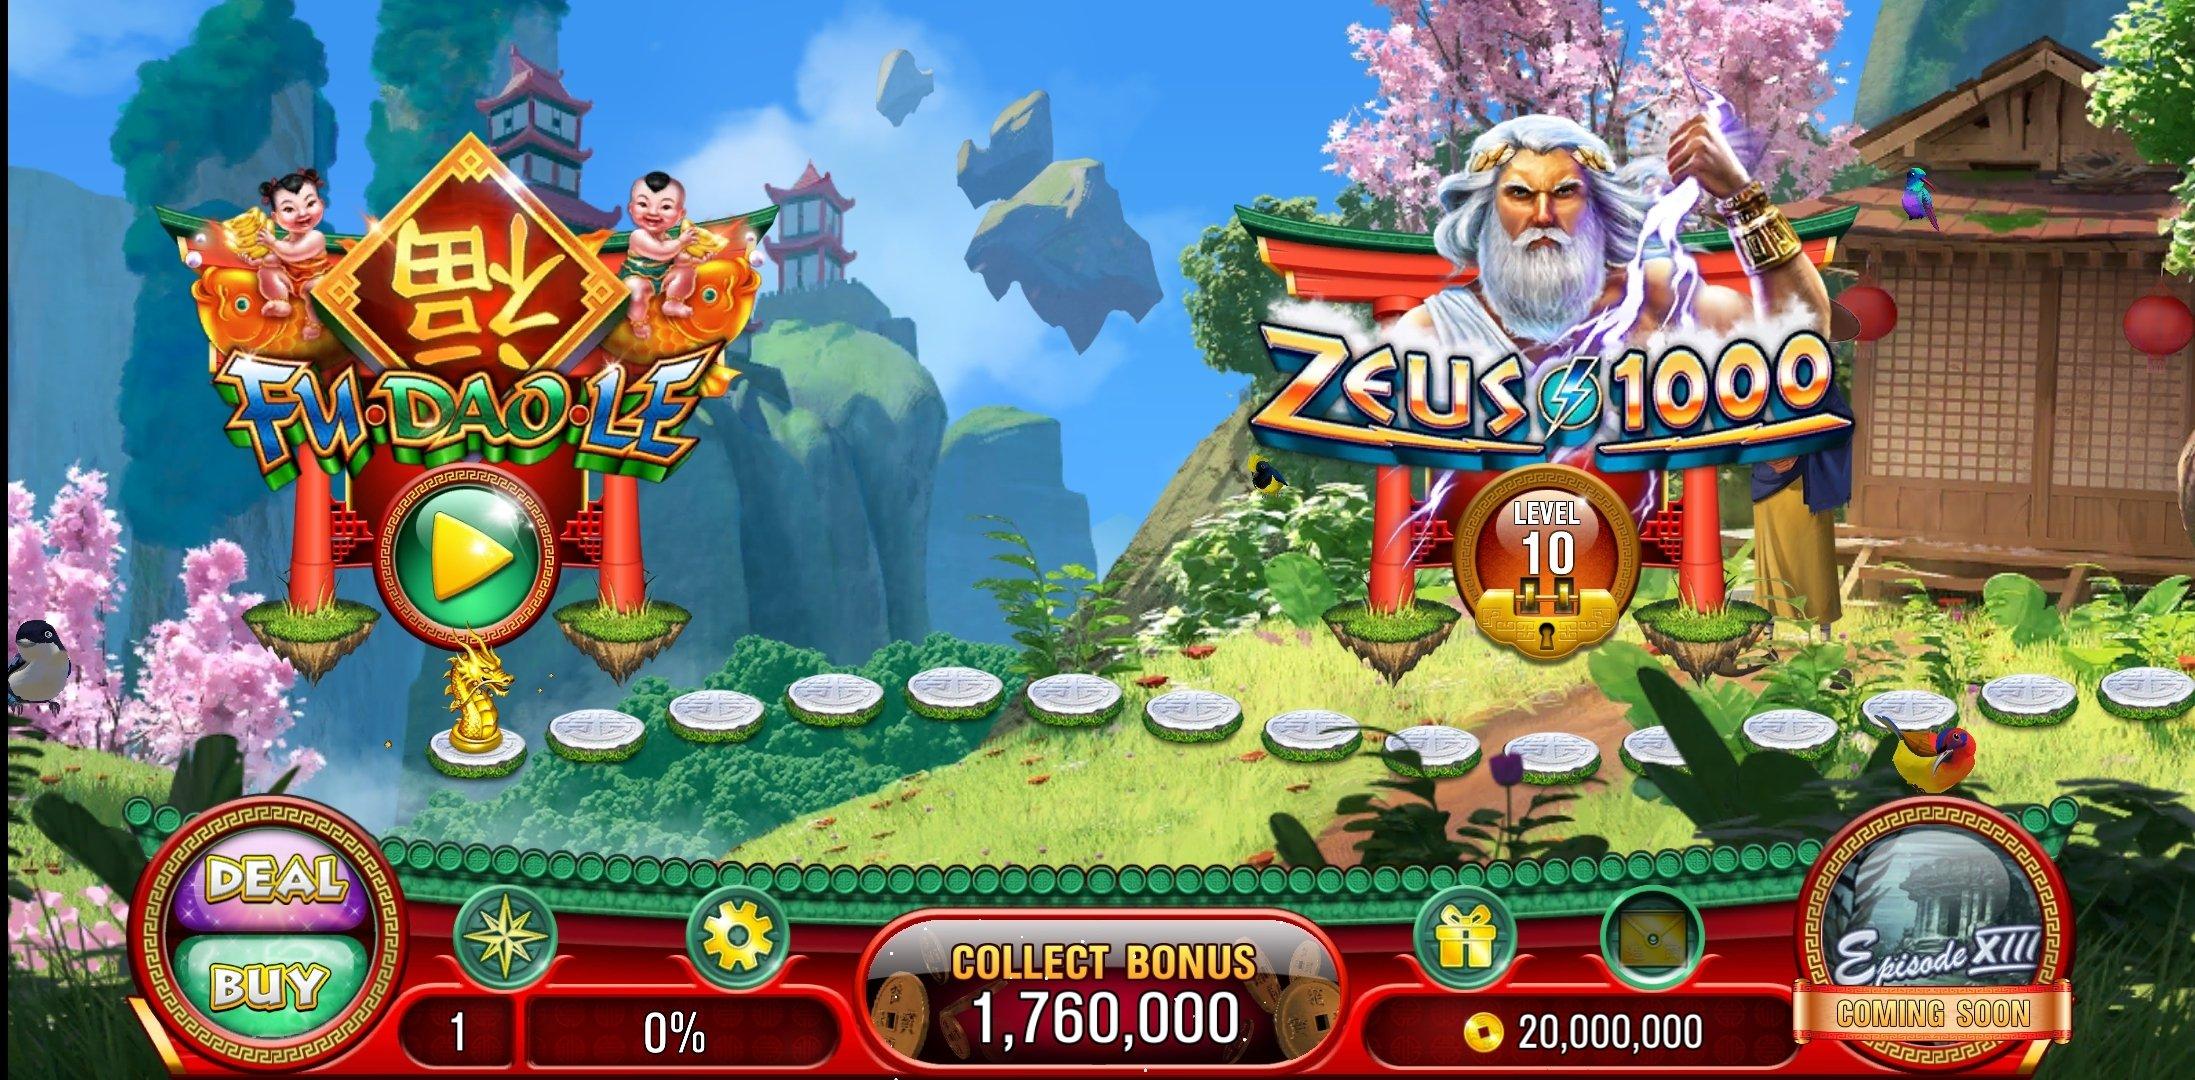 Скачать бесплатно игры на андроид игровые автоматы симулятор 777 игровые автоматы играть